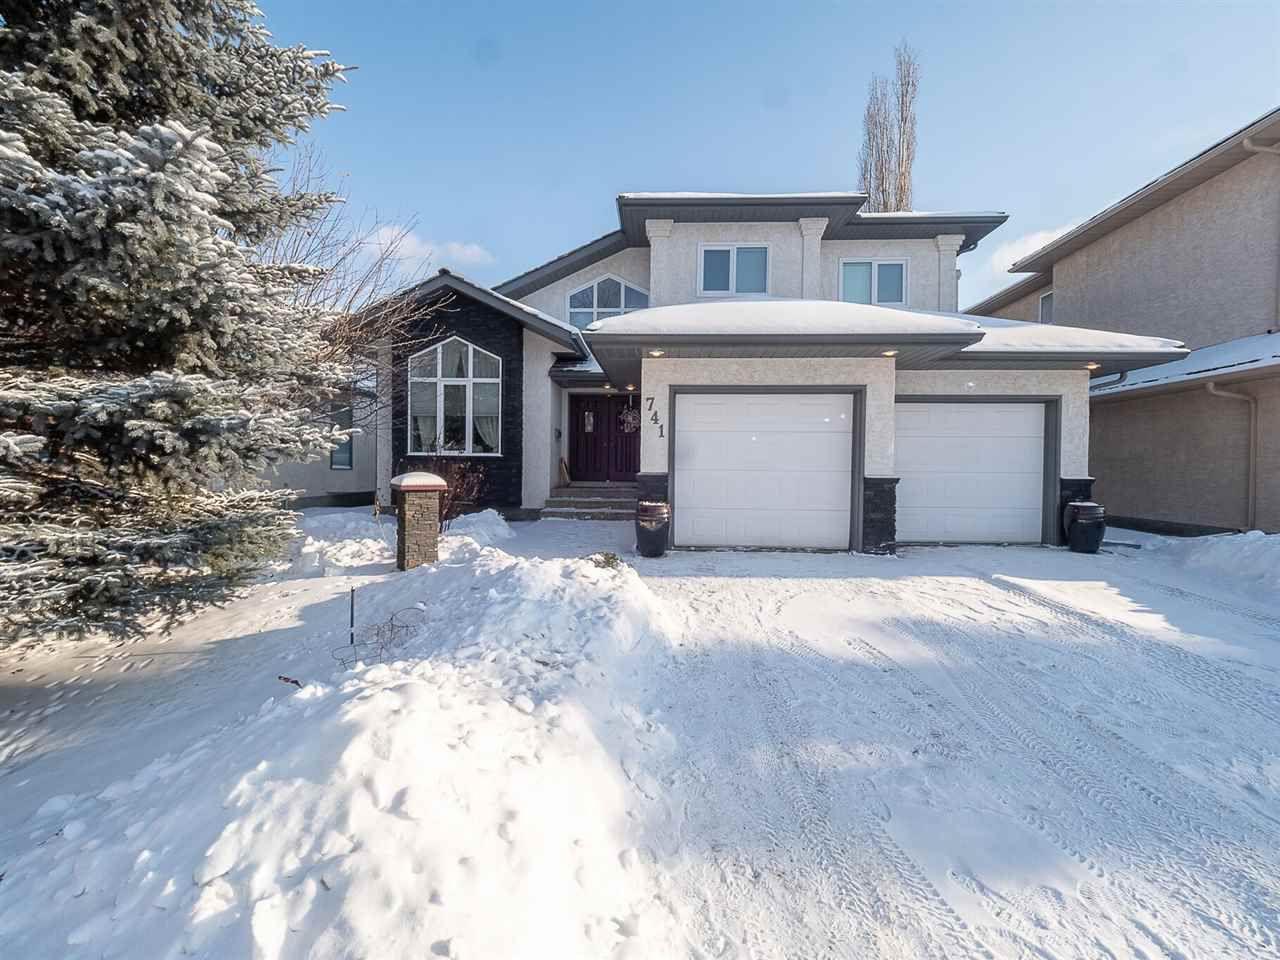 Main Photo: 741 BURTON Crescent in Edmonton: Zone 14 House for sale : MLS®# E4143438